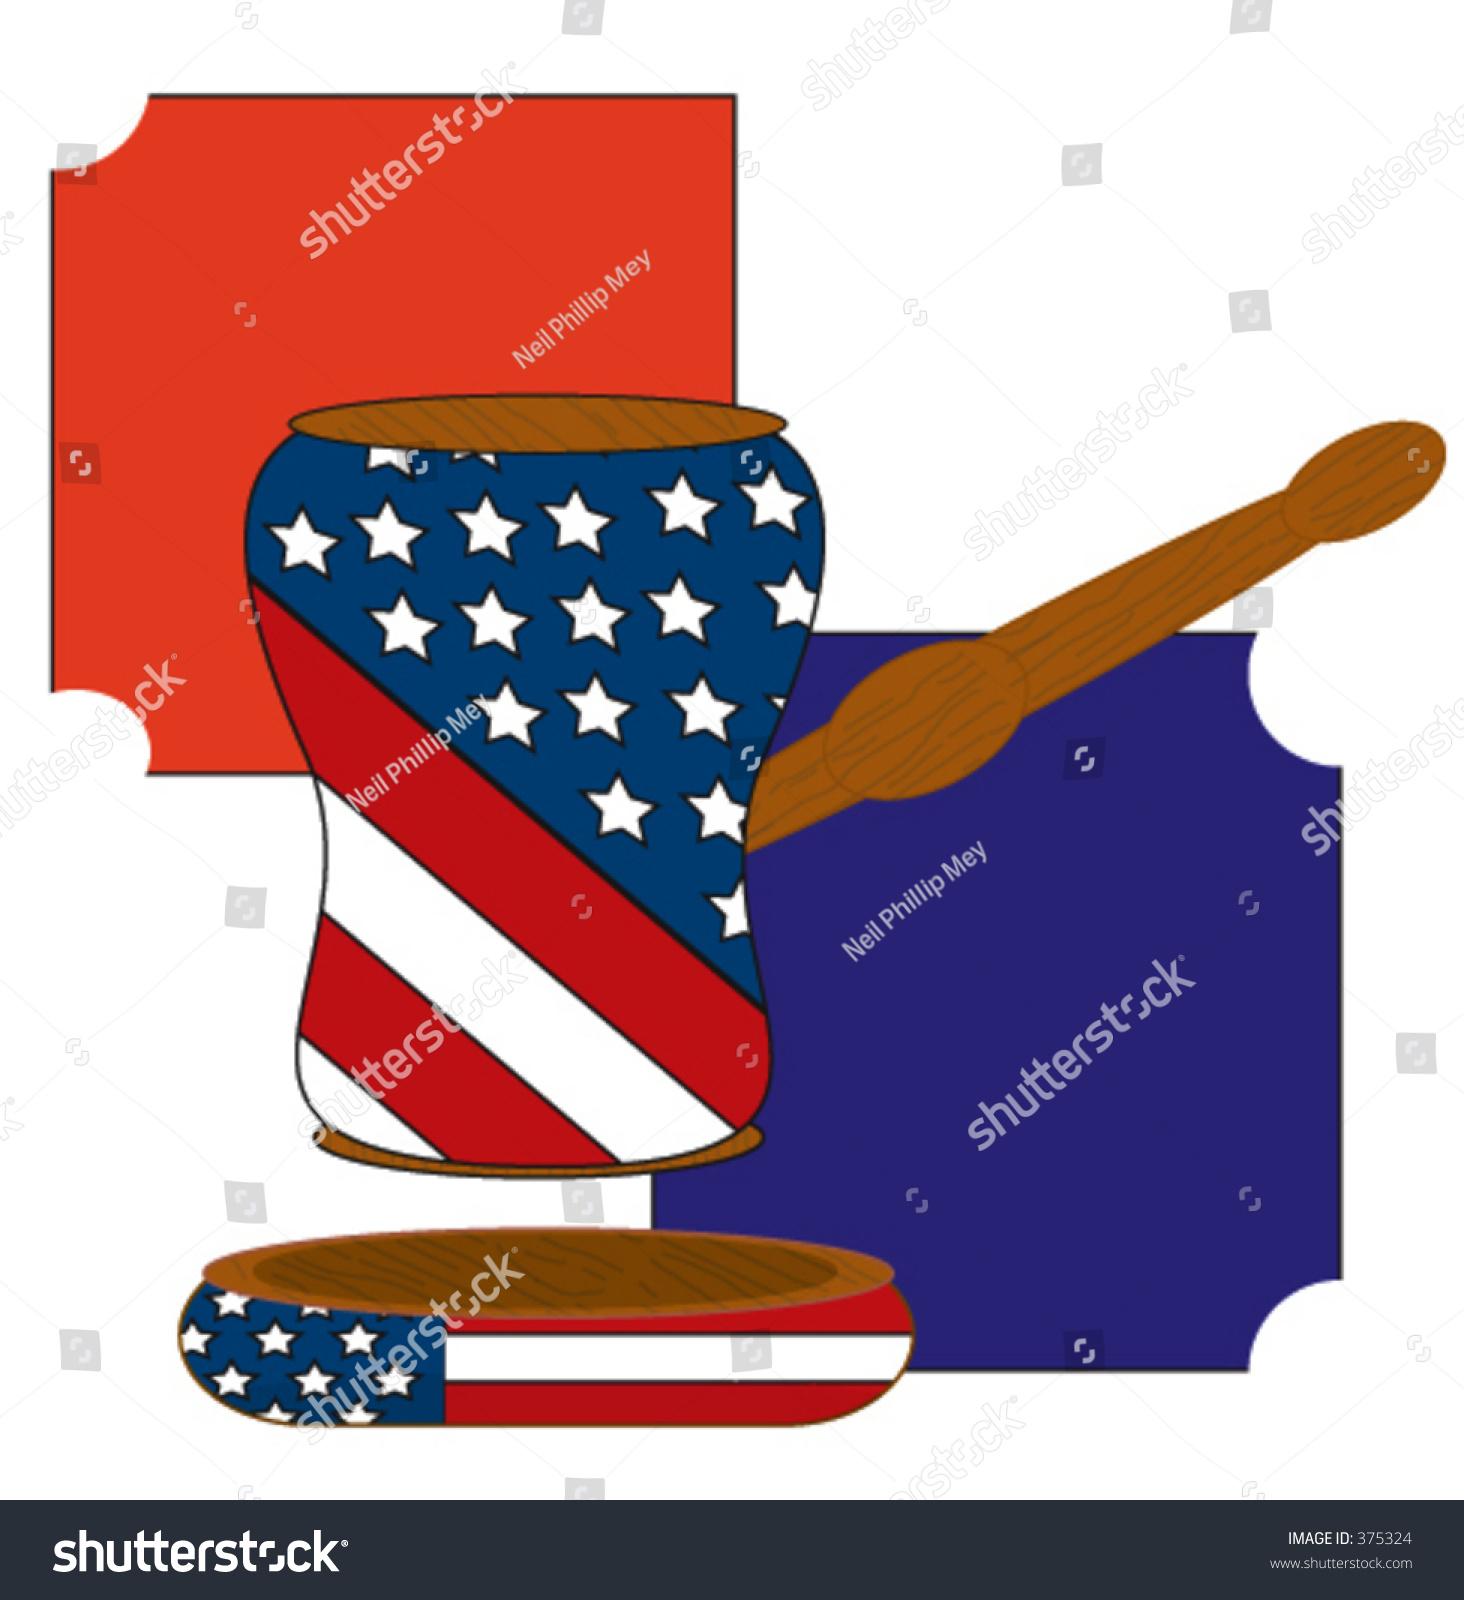 Gavel Court Law American Flag On Stock Vector 375324 - Shutterstock